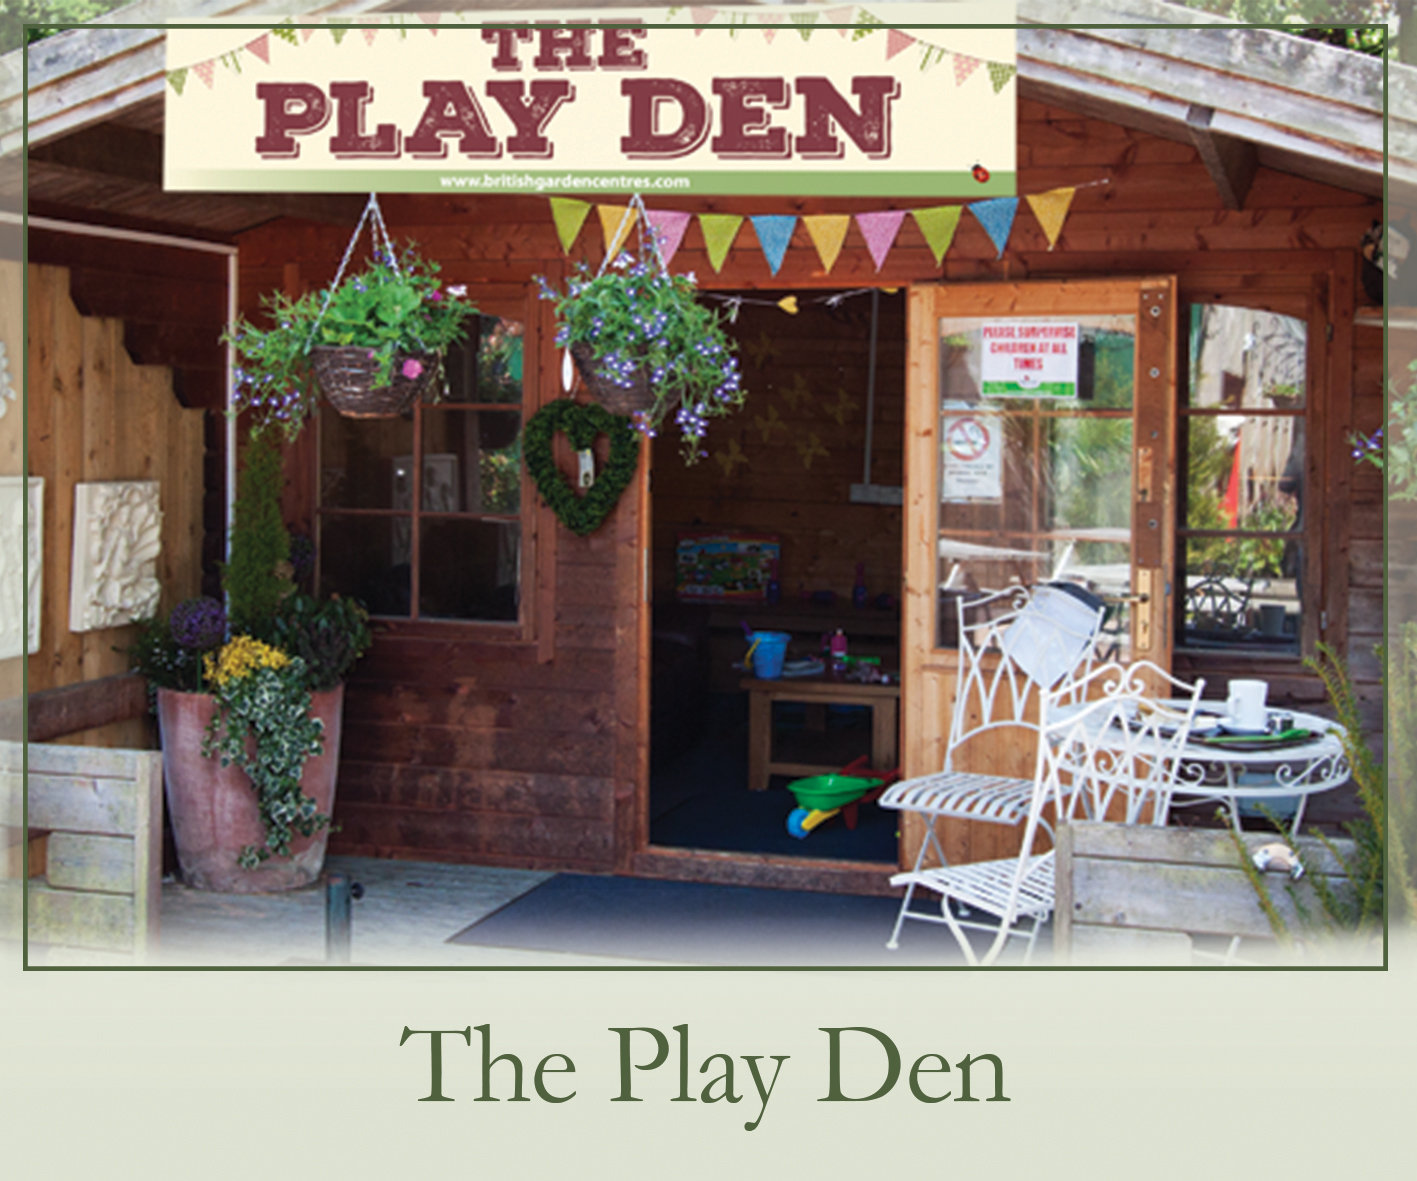 The Play Den